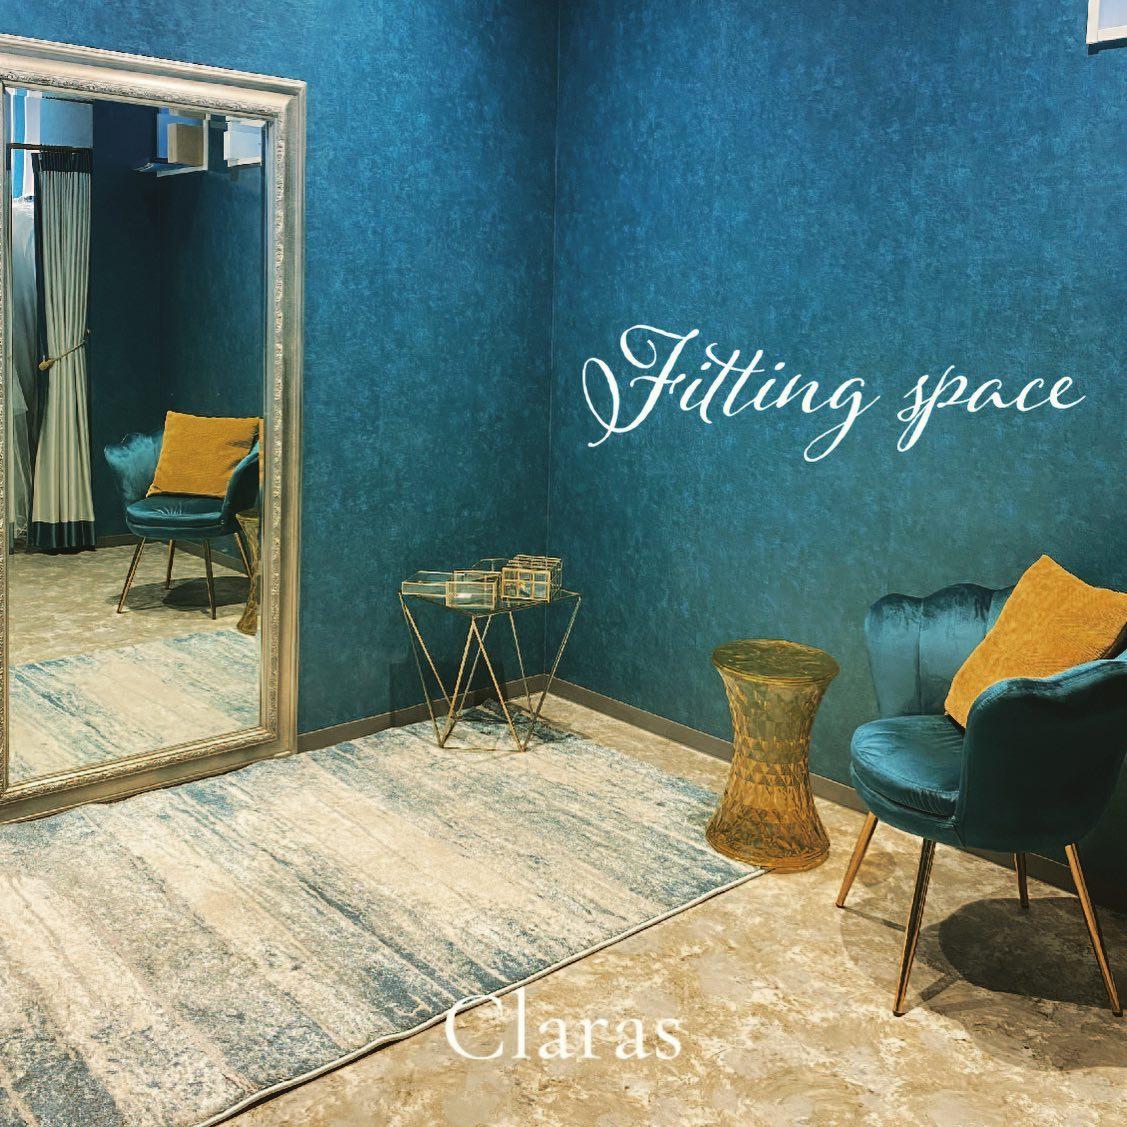 """🕊Claras フィッティングスペース🕊花嫁さまとdressをより美しく見せるとご好評いただいているフィッティングスペースご来店の花嫁さまにはリラックスしてご試着を楽しんでいただけています🤍Claras Blueに包まれながらのご試着ぜひ体験しにいらしてください🕊・インポートドレスを適正価格でお届けするのがClaras・レンタルでは叶わない繊細で上質な素材も、ジャストサイズだから再現できるデザイン美も・Parisに関連会社があるからこそ直輸入での適正価格が叶う・Clarasは1組ずつ貸切でご案内寛ぎながら本当にその方に合った1着へと導きます自分だけのための1着を選びに来てください🤍結婚式やフォトなど迷ってる方でもまずはClarasへ🕊・長年様々なウエディングに携わってきたClarasスタッフより、細かなカウンセリングを行い的確ななご提案をさせていただきますご予約はDMからでも承れます・New Normal Wedding Salon""""Claras""""https://claras.jp/・about """"Claras""""…(ラテン語で、明るい·輝く)As(明日· 未来, フランス語て最高、一番) ・明るく輝く明日(未来) に貢献したいという想いを込めています🕊Fashionの都Parisをはじめ、欧米から選りすぐりのドレスをこれから出逢う花嫁のために取揃えました・2021.3.7 (Sun)NEW OPEN・Dressから始まるWedding Story""""憧れていた Dress選びから始まる結婚準備があったっていい""""・さまざまな新しい「価値」を創造し発信していきますこれからの新しい Wedding の常識を""""Claras """"から🕊・New Normal Wedding Salon【Claras】〒107-0061 東京都港区北青山2-9-14SISTER Bldg 1F(101) 東京メトロ銀座線 外苑前駅3番出ロより徒歩2分Tel:03 6910 5163HP: https://claras.jp営業時間:平日 12:00-18:00 土日祝11:00-18:00(定休日:月・火)・#wedding #weddingdress #instagood #instalike #claras #paris #vowrenewal#ウェディングドレス #プレ花嫁 #ドレス試着 #ドレス迷子 #2021夏婚 #2021冬婚 #ヘアメイク #結婚式  #ドレス選び #前撮り #インポートドレス #フォトウェディング #ウェディングヘア  #フォト婚 #ニューノーマル #ブライダルフォト #カップルフォト #ウェディングドレス探し #ウェディングドレス試着 #セルドレス #ドレスショップ #バウリニューアル #運命のドレス"""